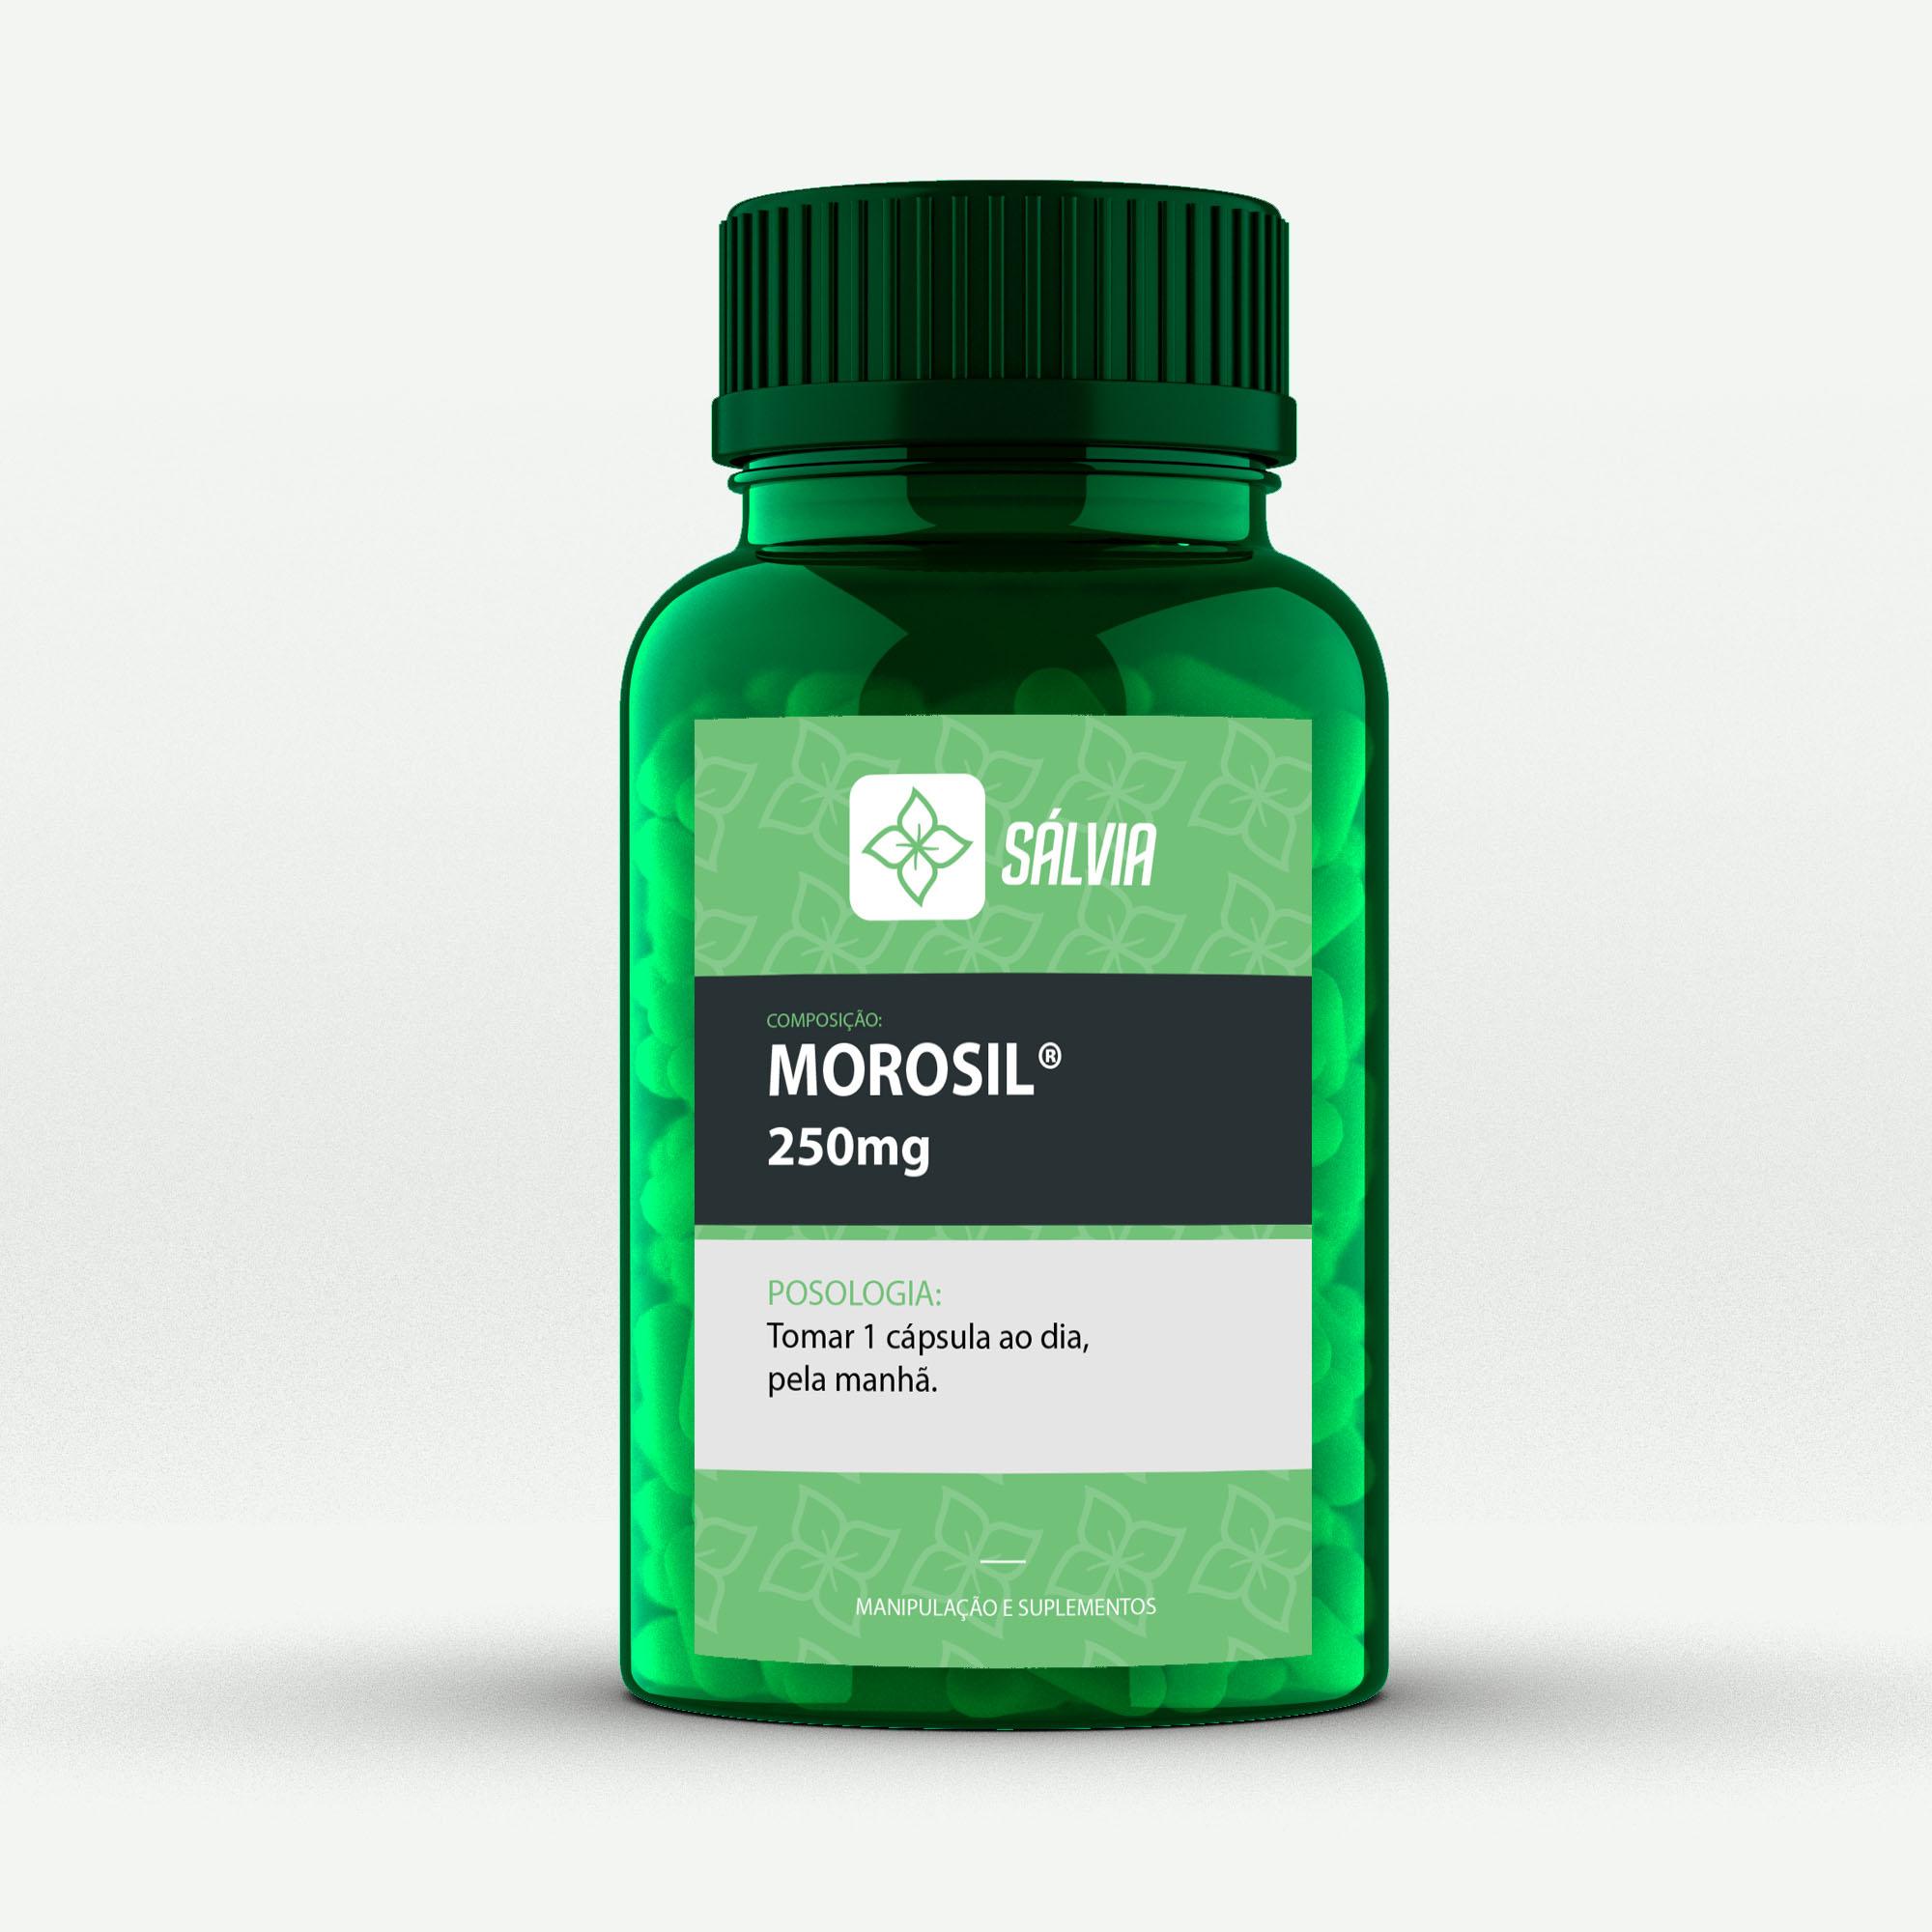 MOROSIL® 250mg - Cápsulas